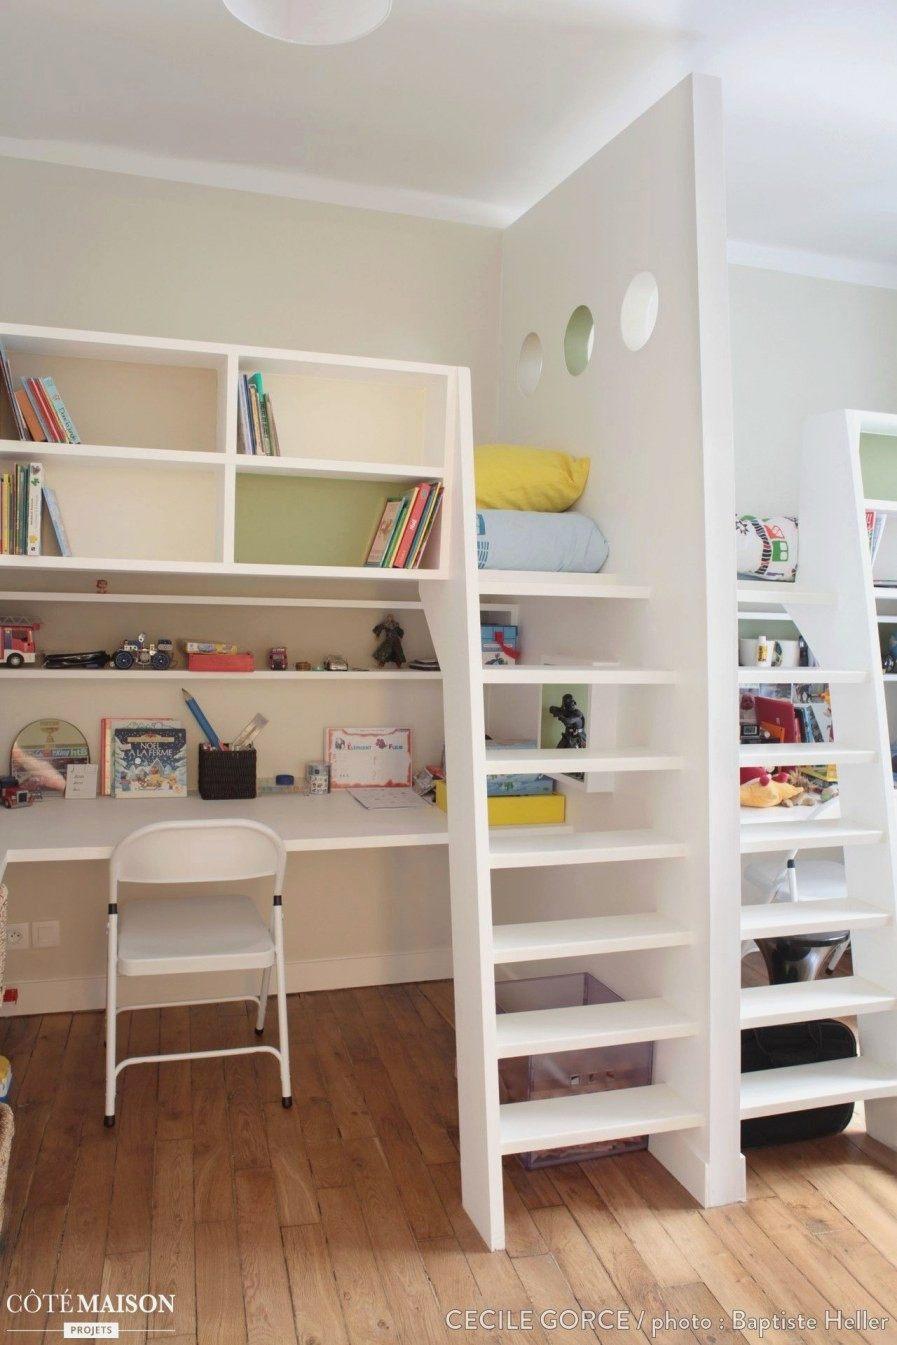 Escalier Pour Lit Mezzanine Le Luxe Lit Superposé Escalier Avec Rangement Mod¨les Biblioth Que Escalier